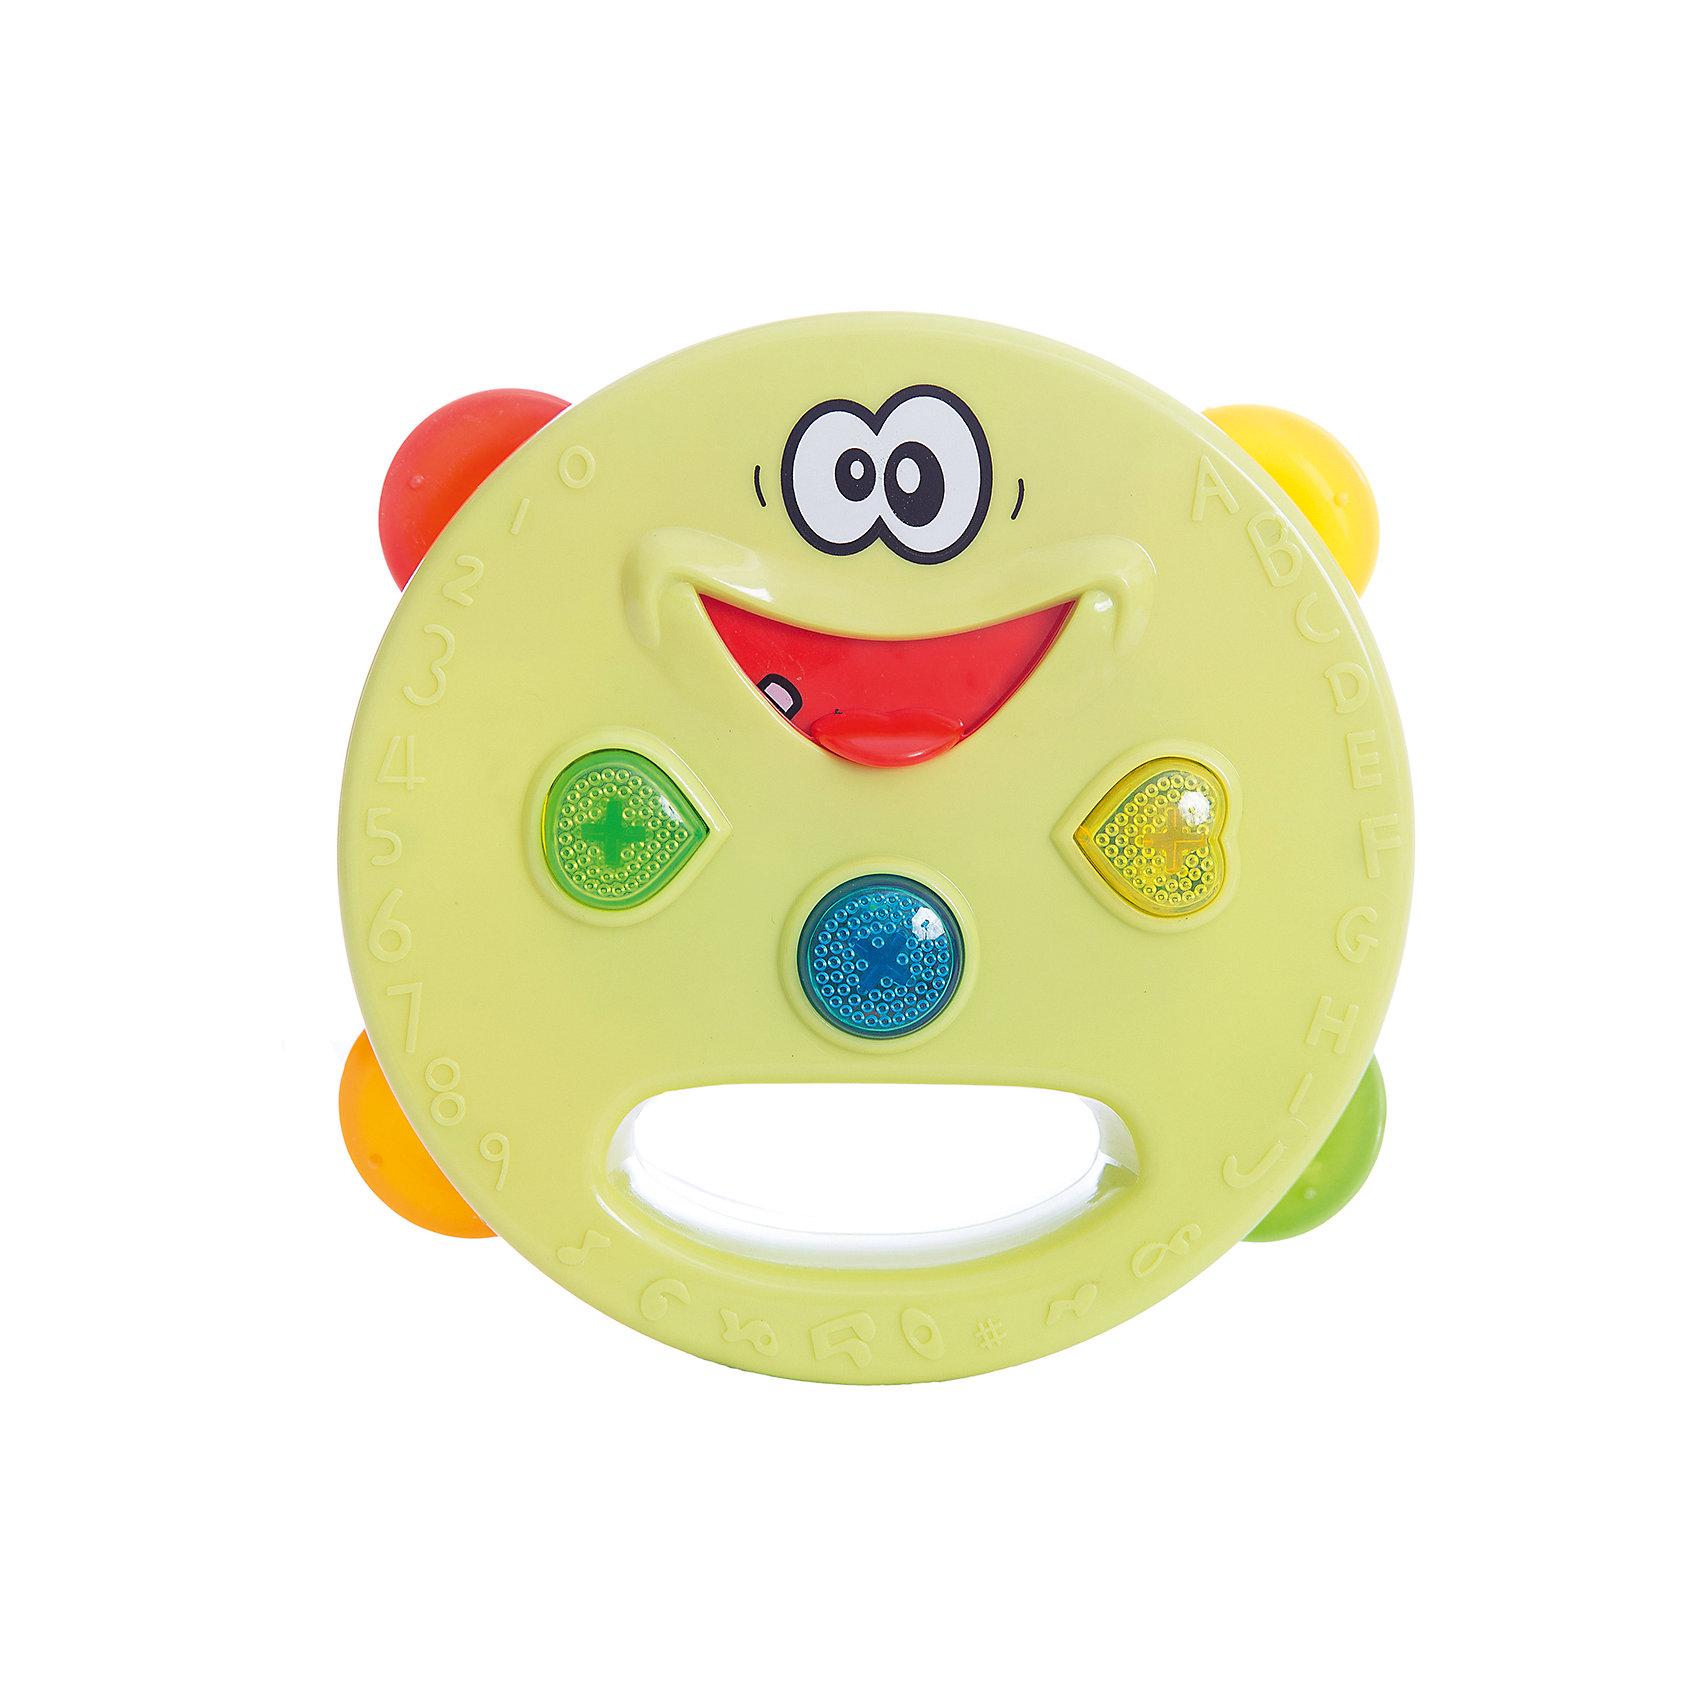 Электронный бубен, со светом, Поющий оркестр, 1toyМузыкальные инструменты и игрушки<br>Электронный бубен из серии Поющий оркестр - забавная игрушка, которая позволит ребенку не только создавать музыку самому, но и прослушивать чудесные мелодии, нажимая на язычок бубна. Игрушка с веселыми кнопками, которые светятся при нажатии. Игрушка развивает мелкую моторику, чувство ритма и мелодии. С этим бубном ребенок откроет для себя прекрасный мир музыки!<br><br>Дополнительная информация:<br>Батарейки: AAA / LR0.3 1.5V - 3 штуки( в комплект не входят)<br>Размер: 18х8х19,5 см<br>Вес: 243 грамма<br>Электронный бубен можно купить в нашем интернет-магазине.<br><br>Ширина мм: 195<br>Глубина мм: 80<br>Высота мм: 180<br>Вес г: 243<br>Возраст от месяцев: 12<br>Возраст до месяцев: 60<br>Пол: Унисекс<br>Возраст: Детский<br>SKU: 4953669